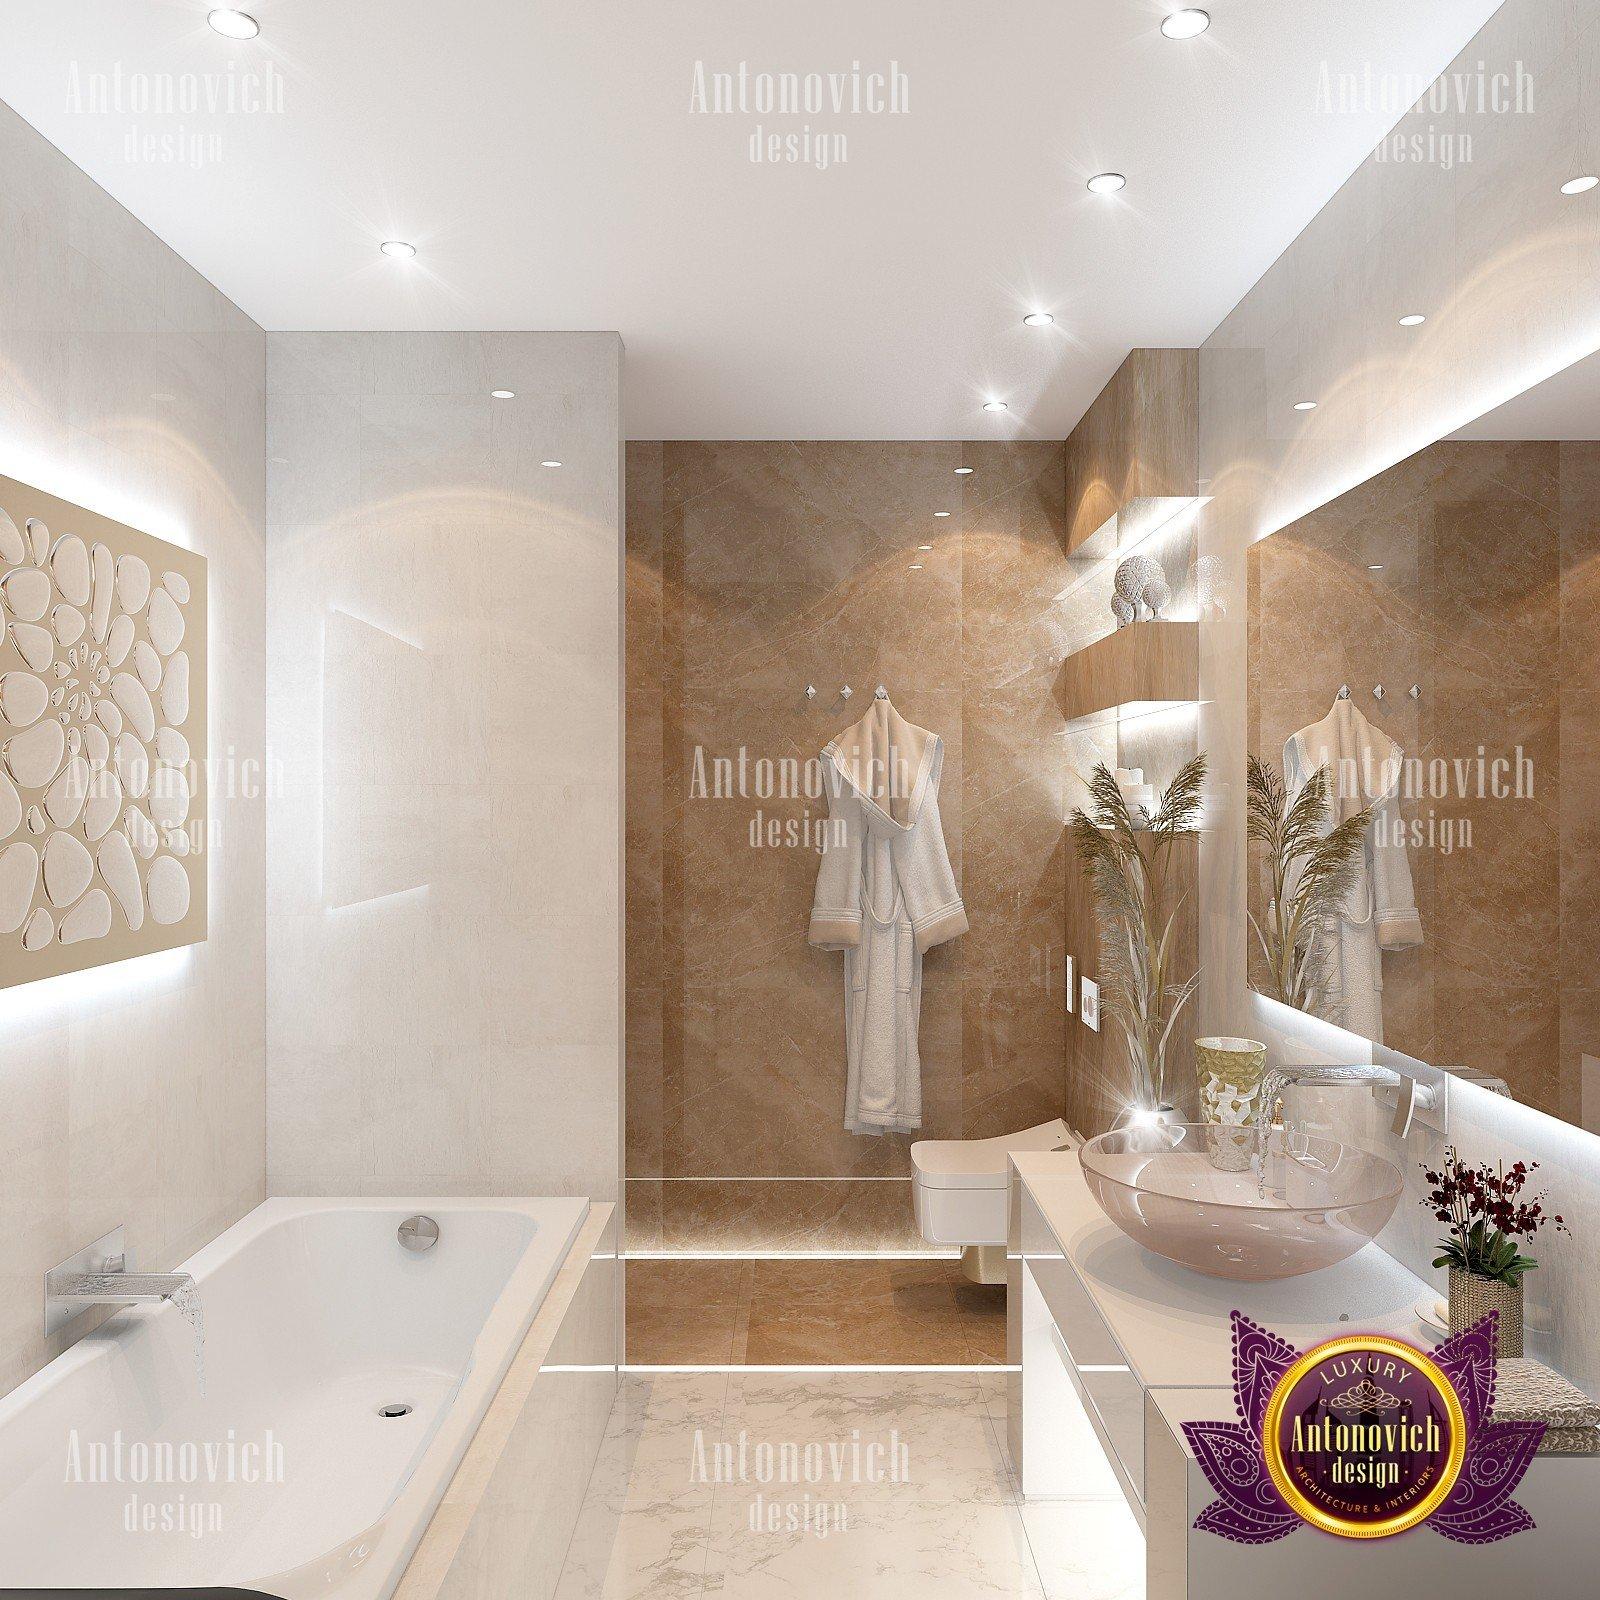 Luxury Bathroom Interior Design UAE